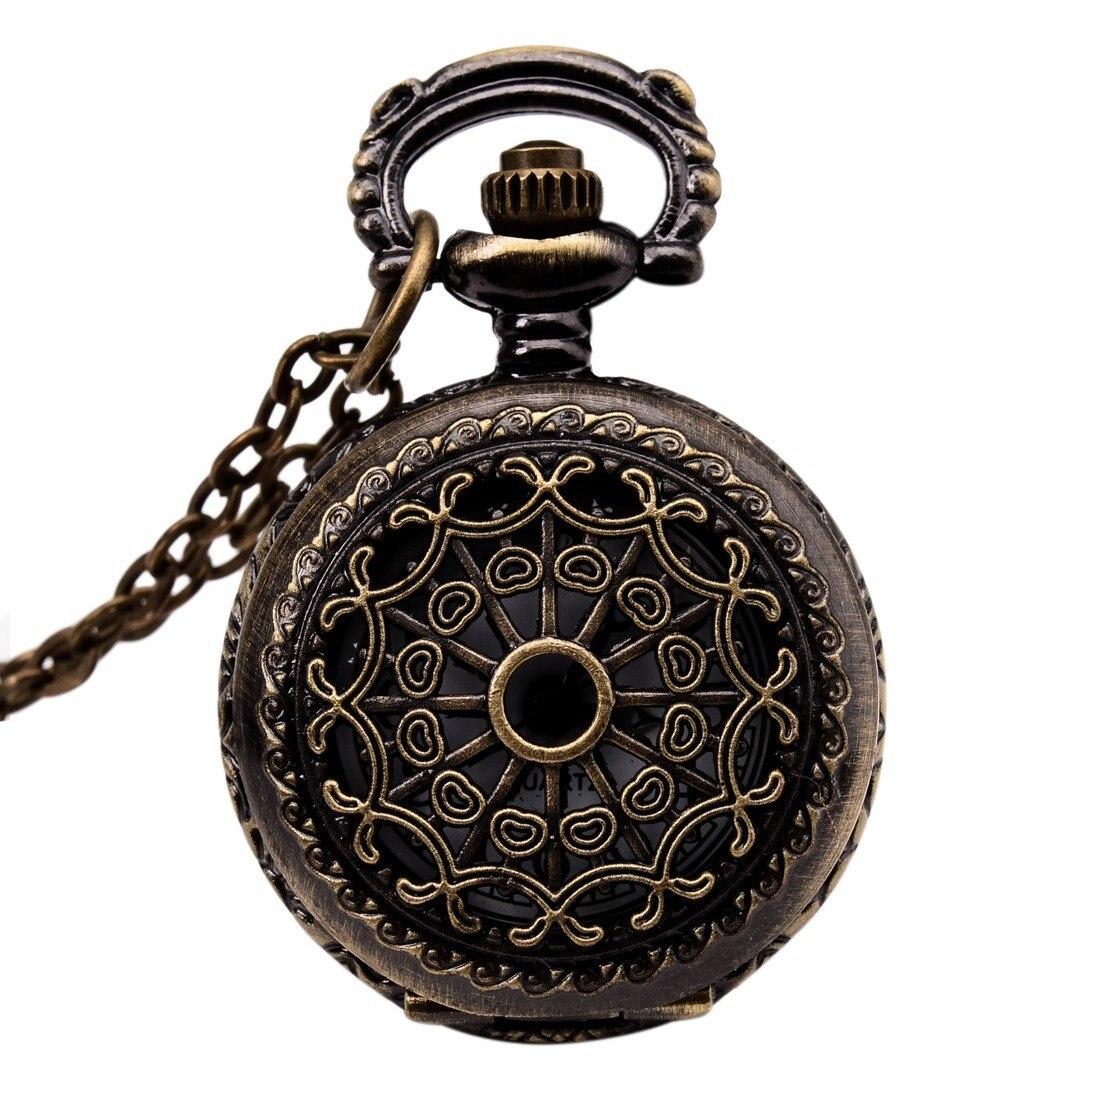 Uhren Vintage Bronze 31,5 kette Antike Taschenuhr Mode Geschenk-cobweb 100% Garantie Uhren